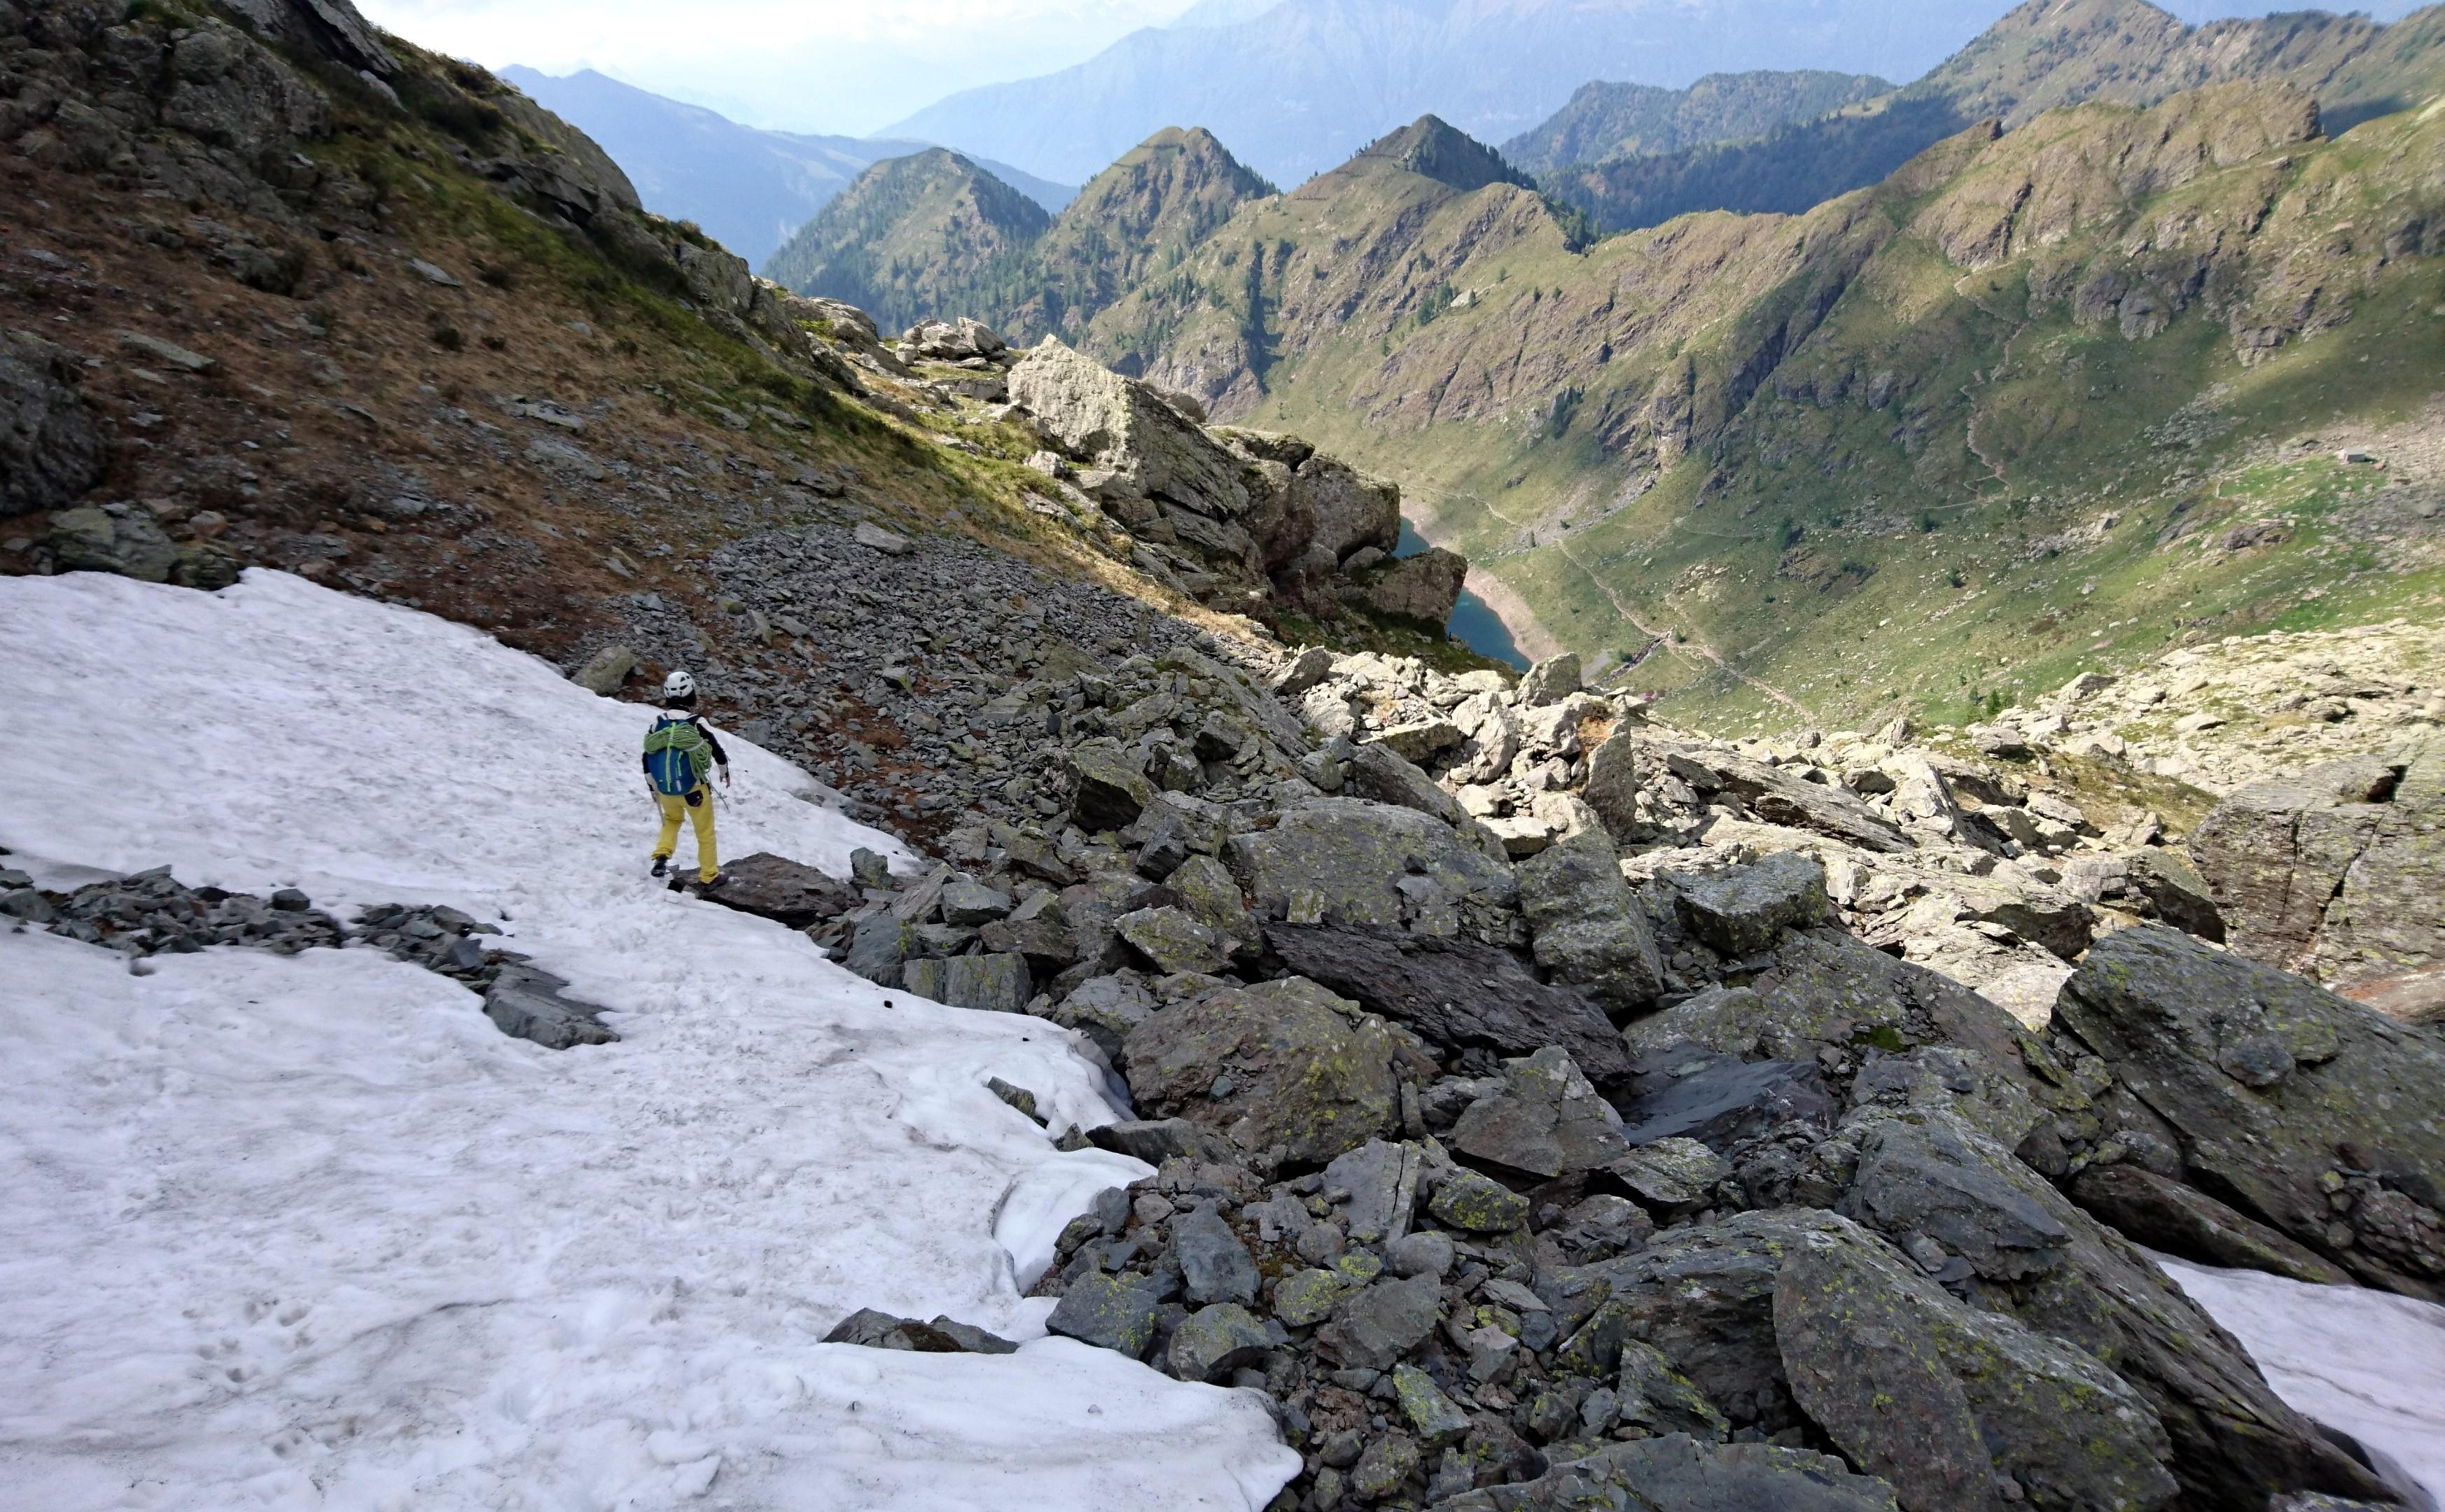 alla base della parete qualche accumulo di neve molle con tracce di stambecco